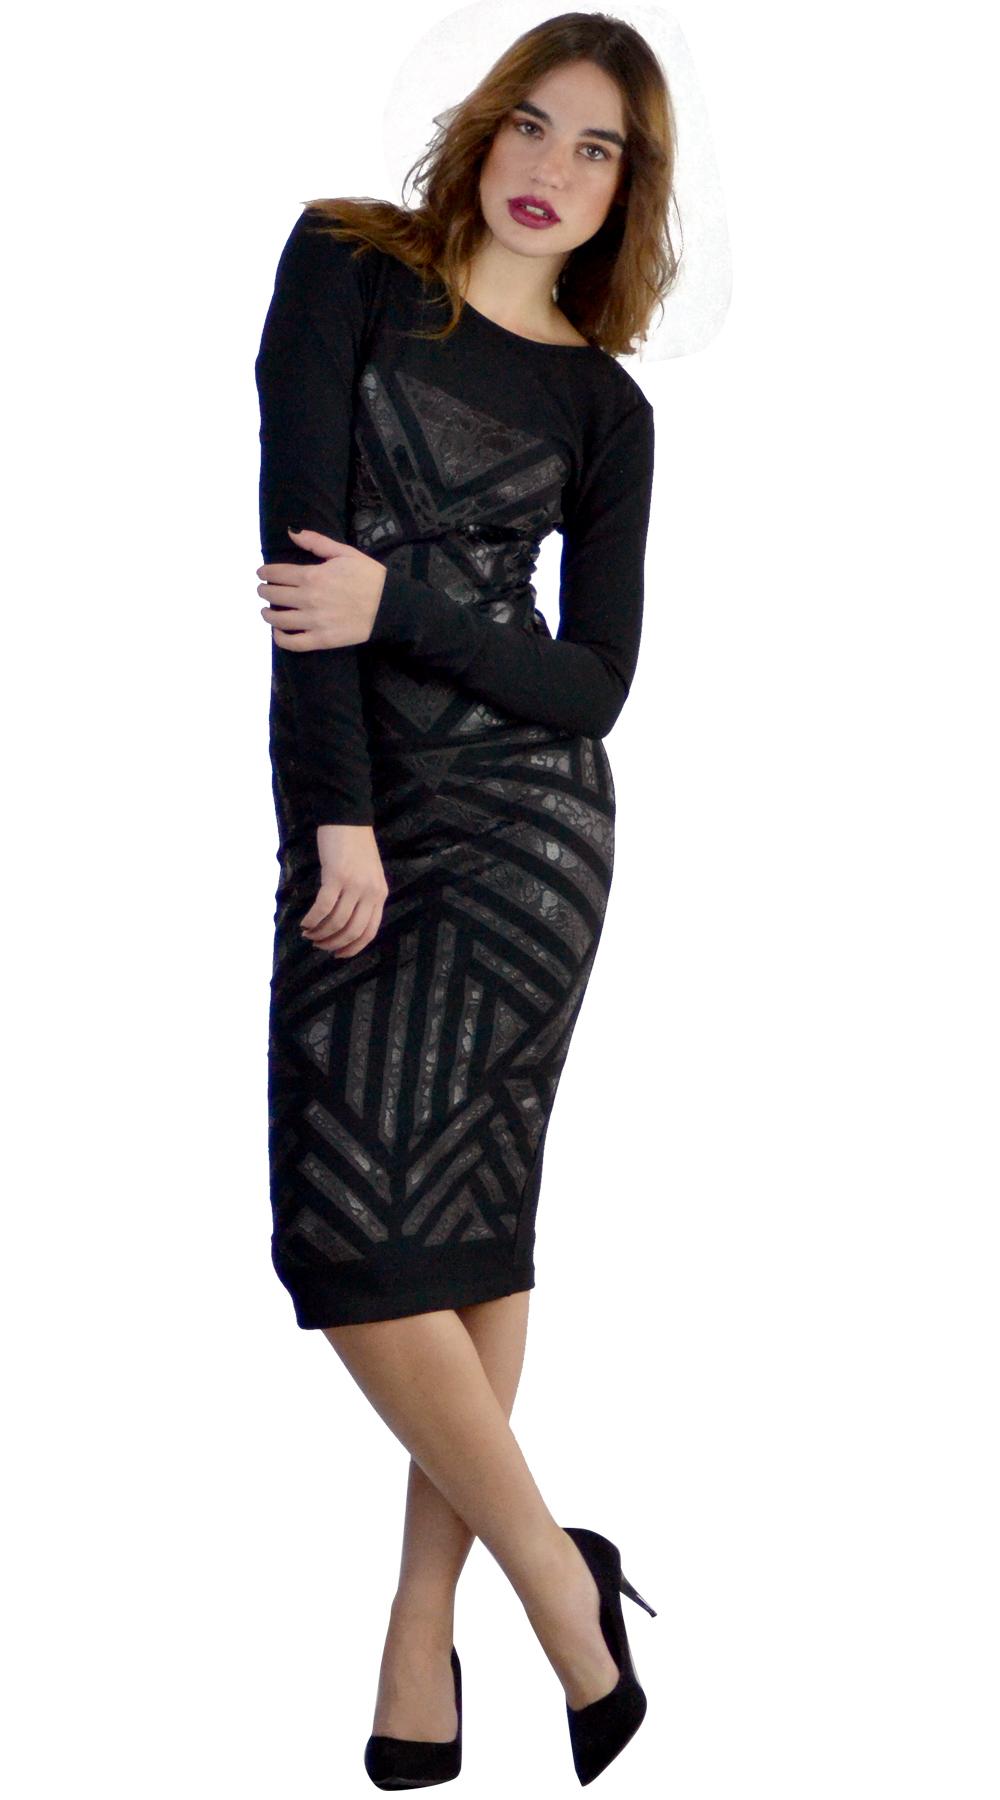 Μίντι φόρεμα με γεωμετρικά σχέδια Glitter Velvet Online - ONLINE - W18ON-54191 φορέματα βραδυνά φορέματα